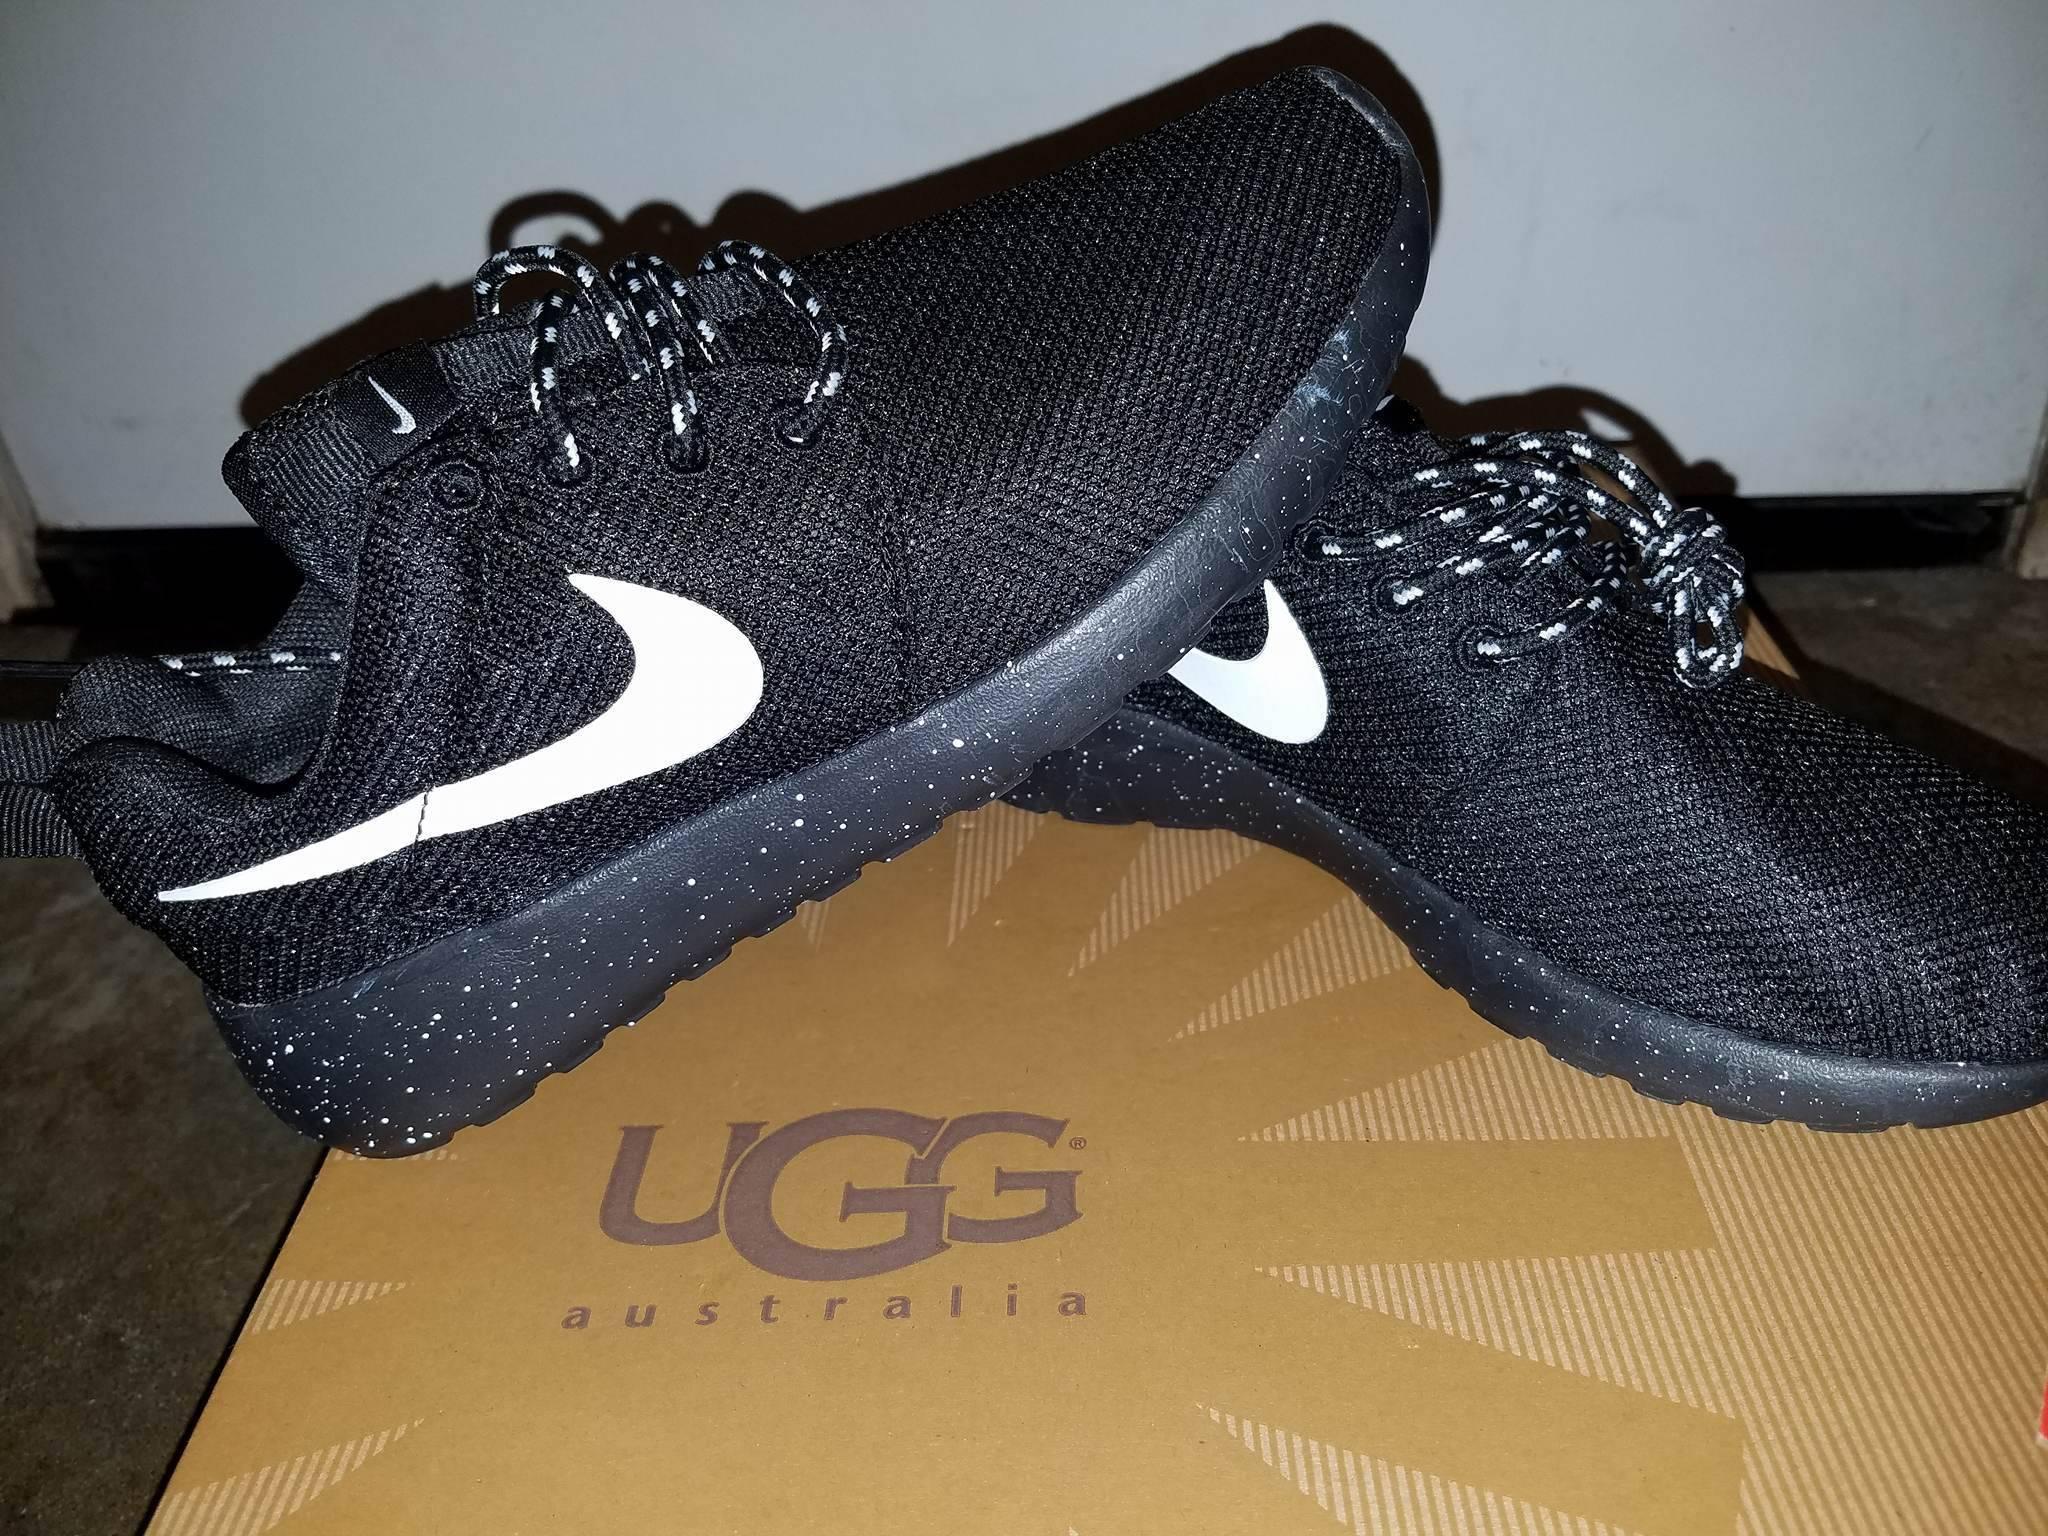 quality design 67095 5b8e7 Custom Nike Roshe Run Oreo athletic running shoes White Speckled